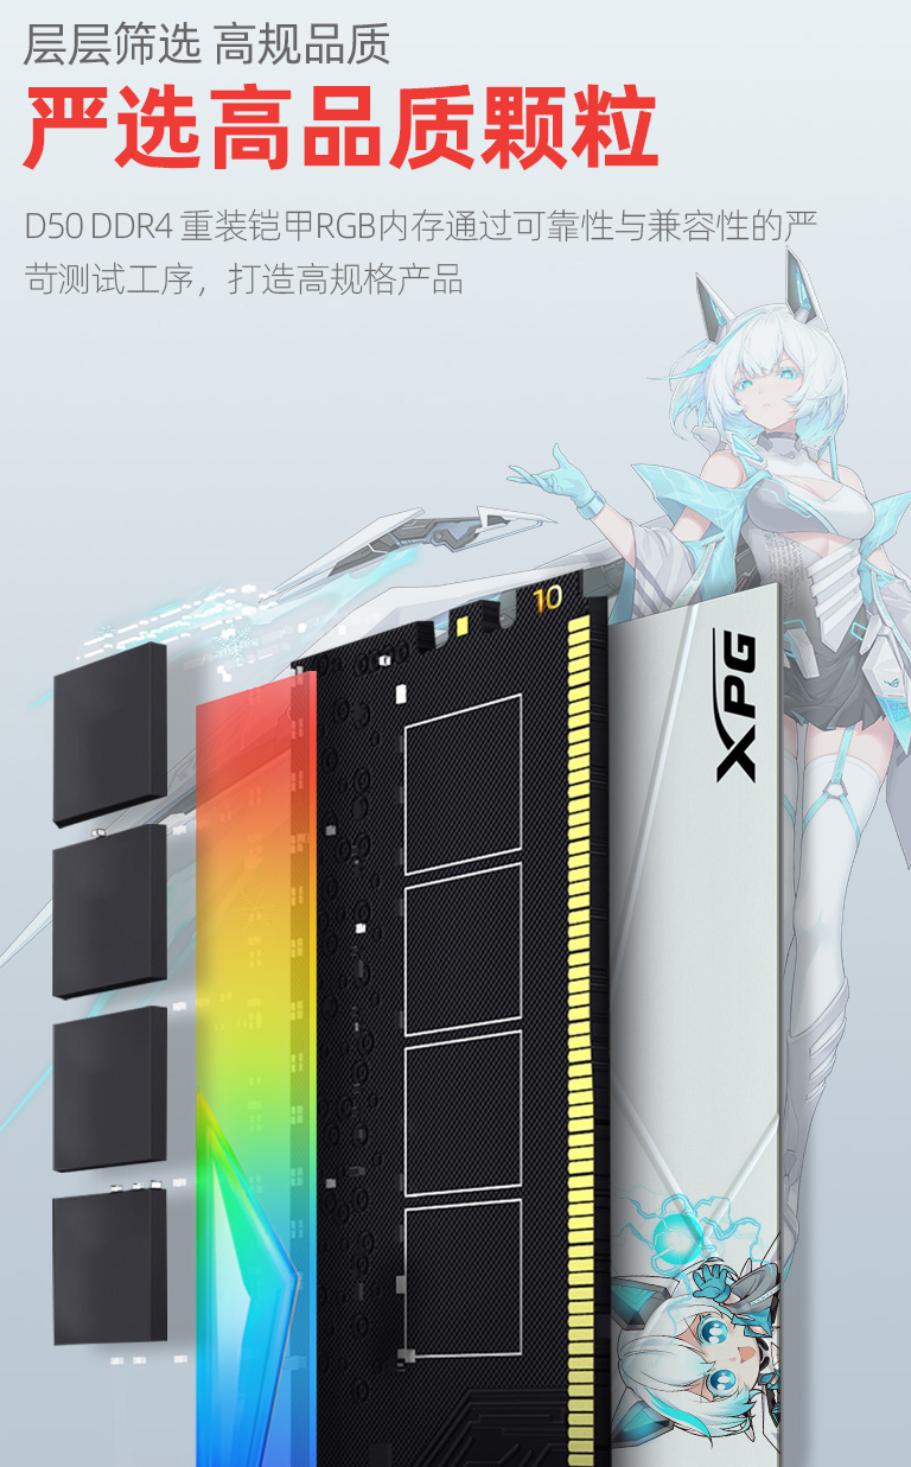 asus-rog-adata-xpg-anime-inspired-ddr4-gaming-memory-kit-_4